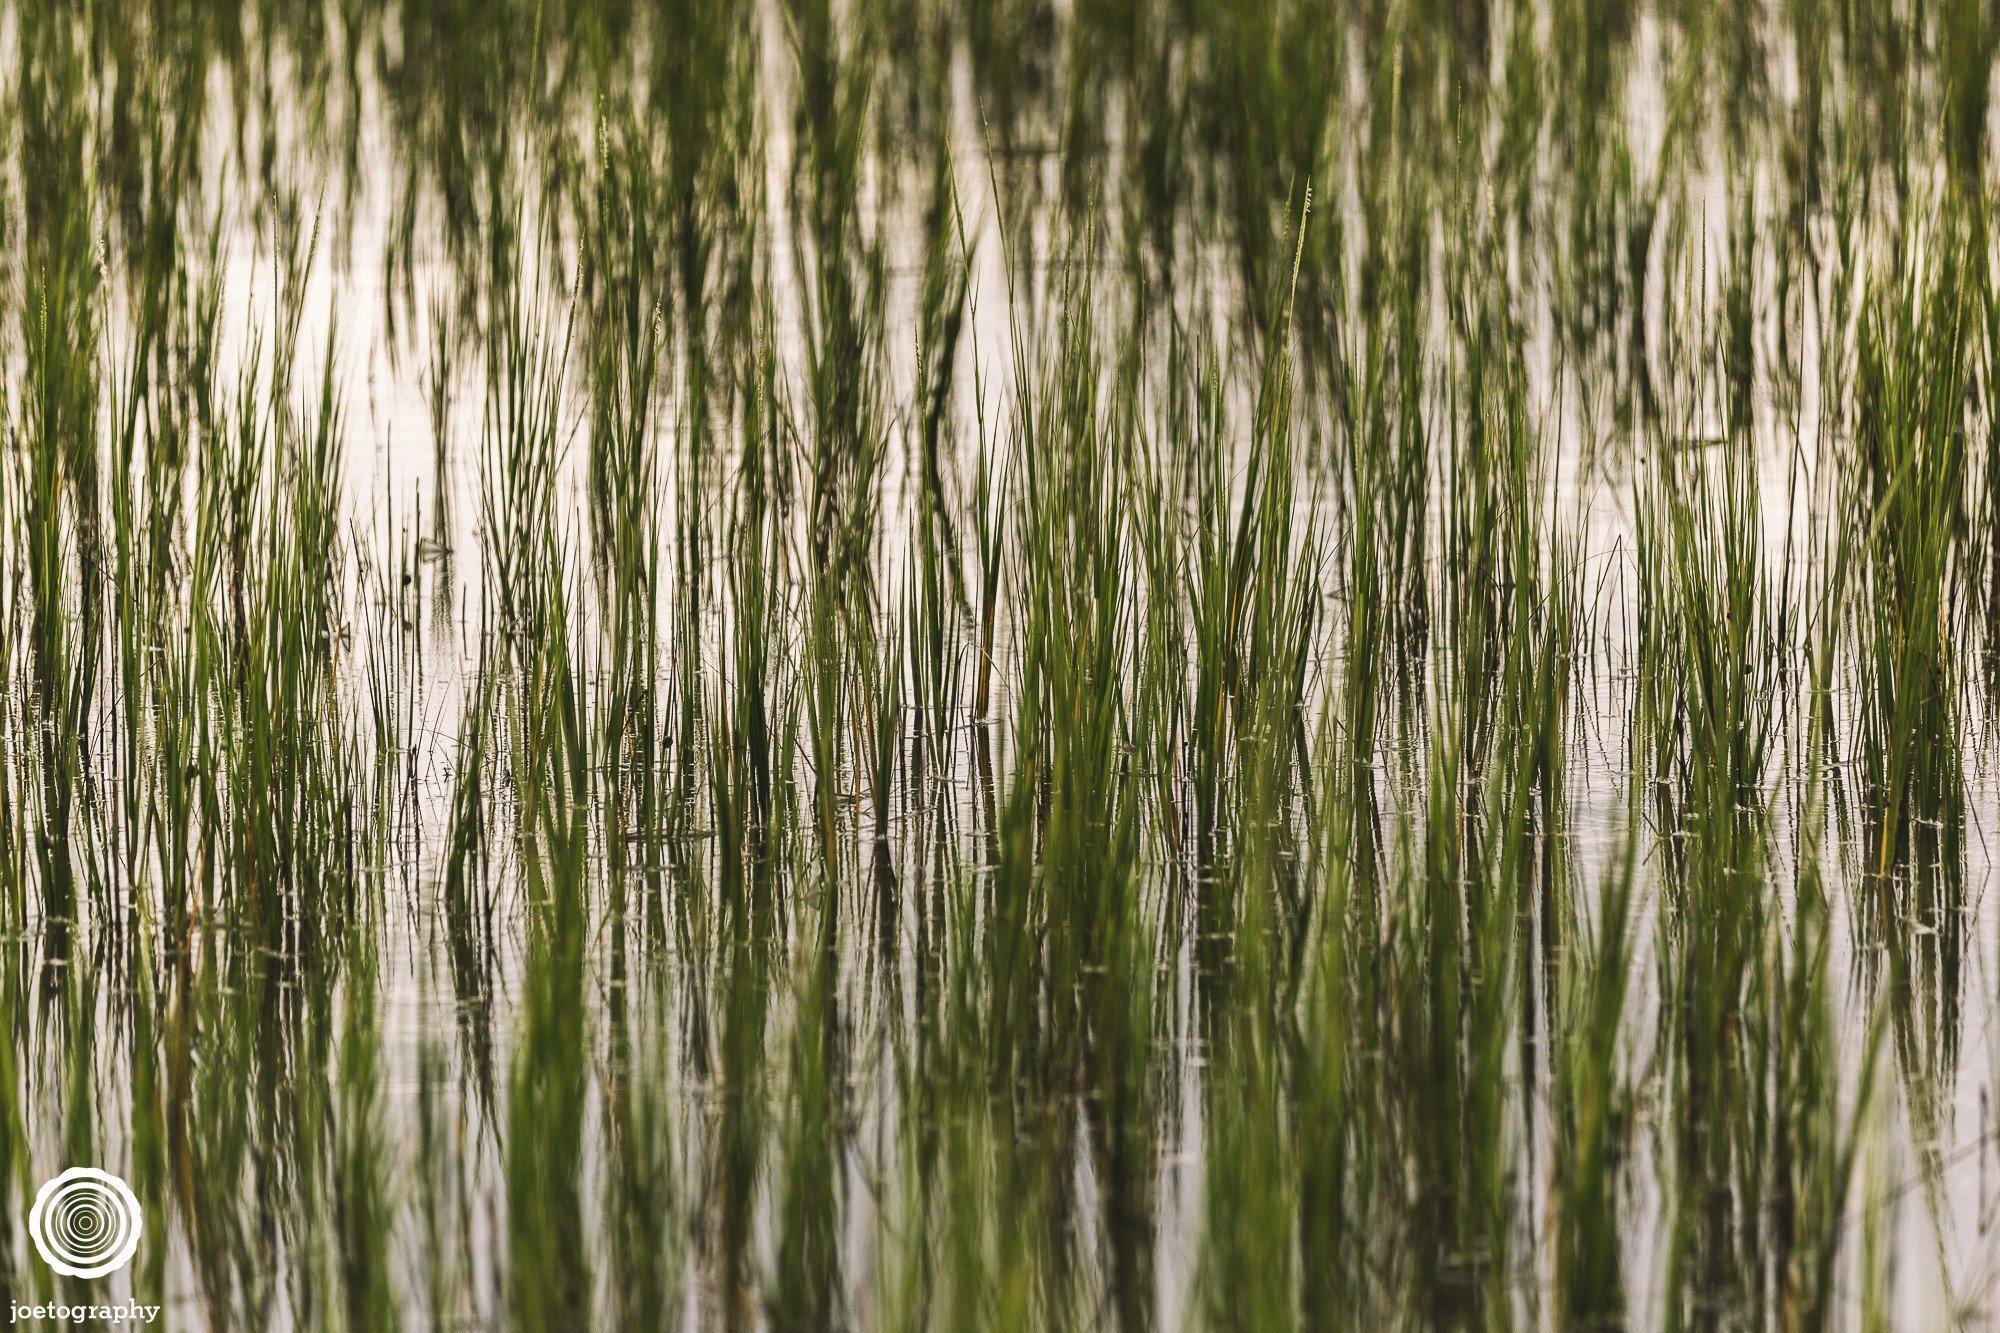 pawleys-island-south-carolina-landscape-photographer-indianapolis-26